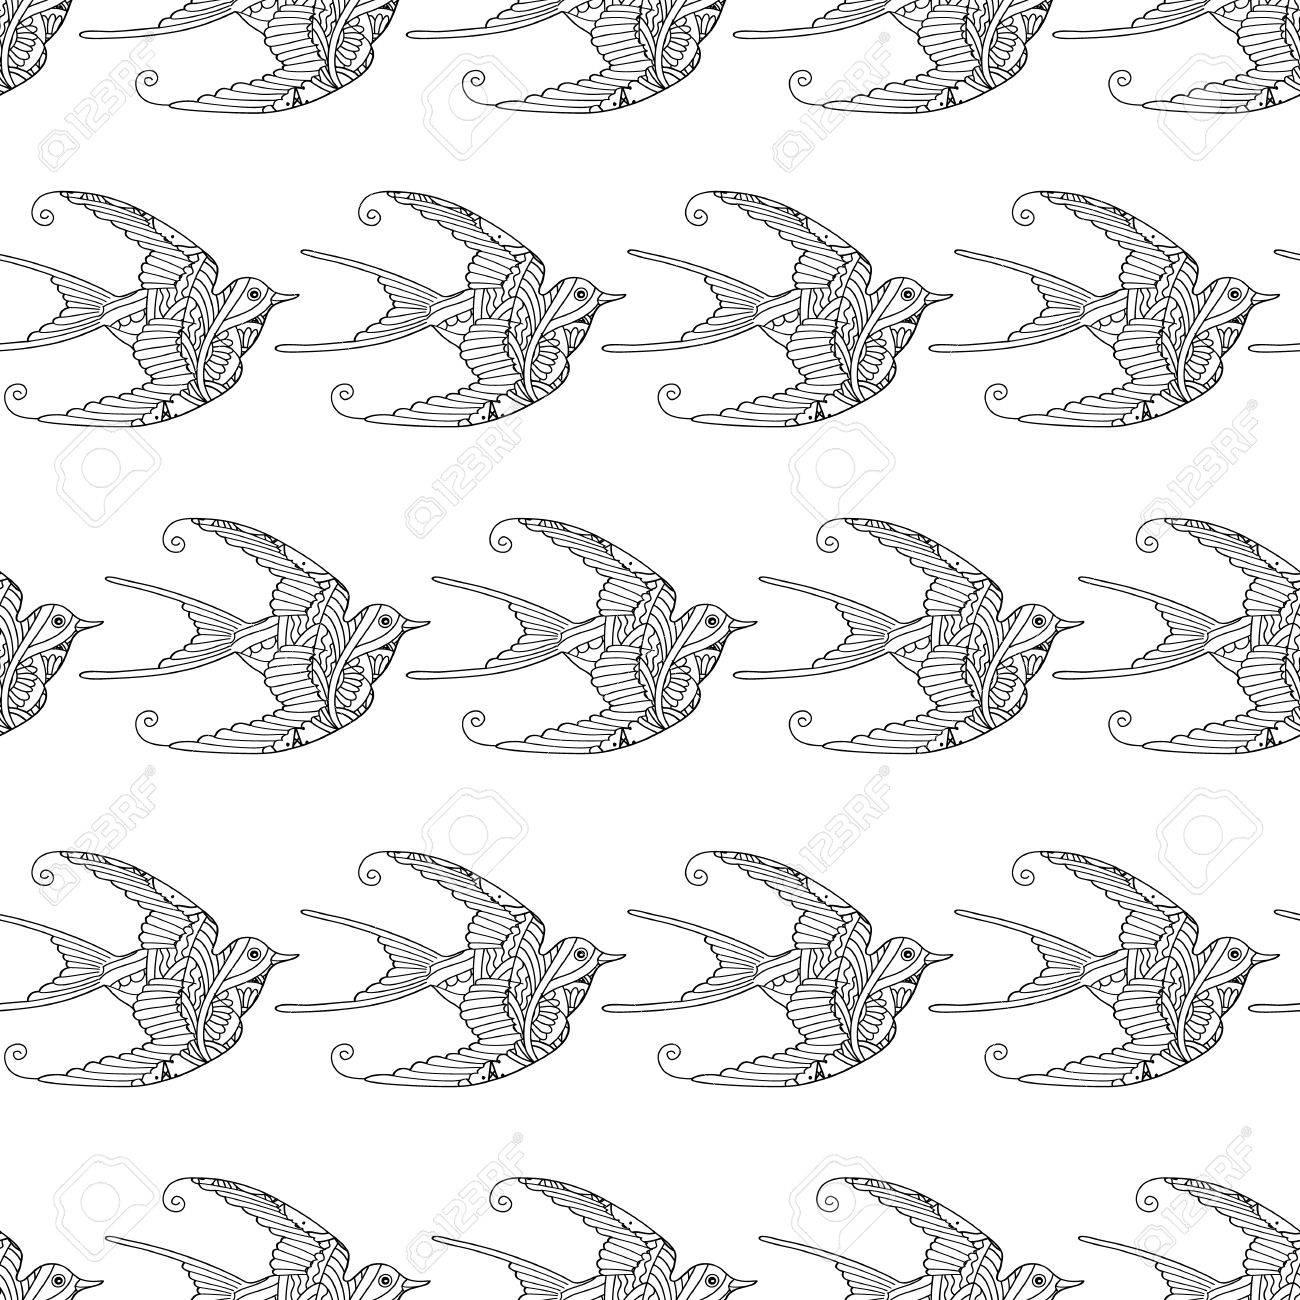 Nahtlose Muster mit Zier Schwalbe Vögel Hand gezeichnet isoliert auf weißem  Hintergrund. Kann zum Ausmalen von Erwachsenen und älteren Kindern ...